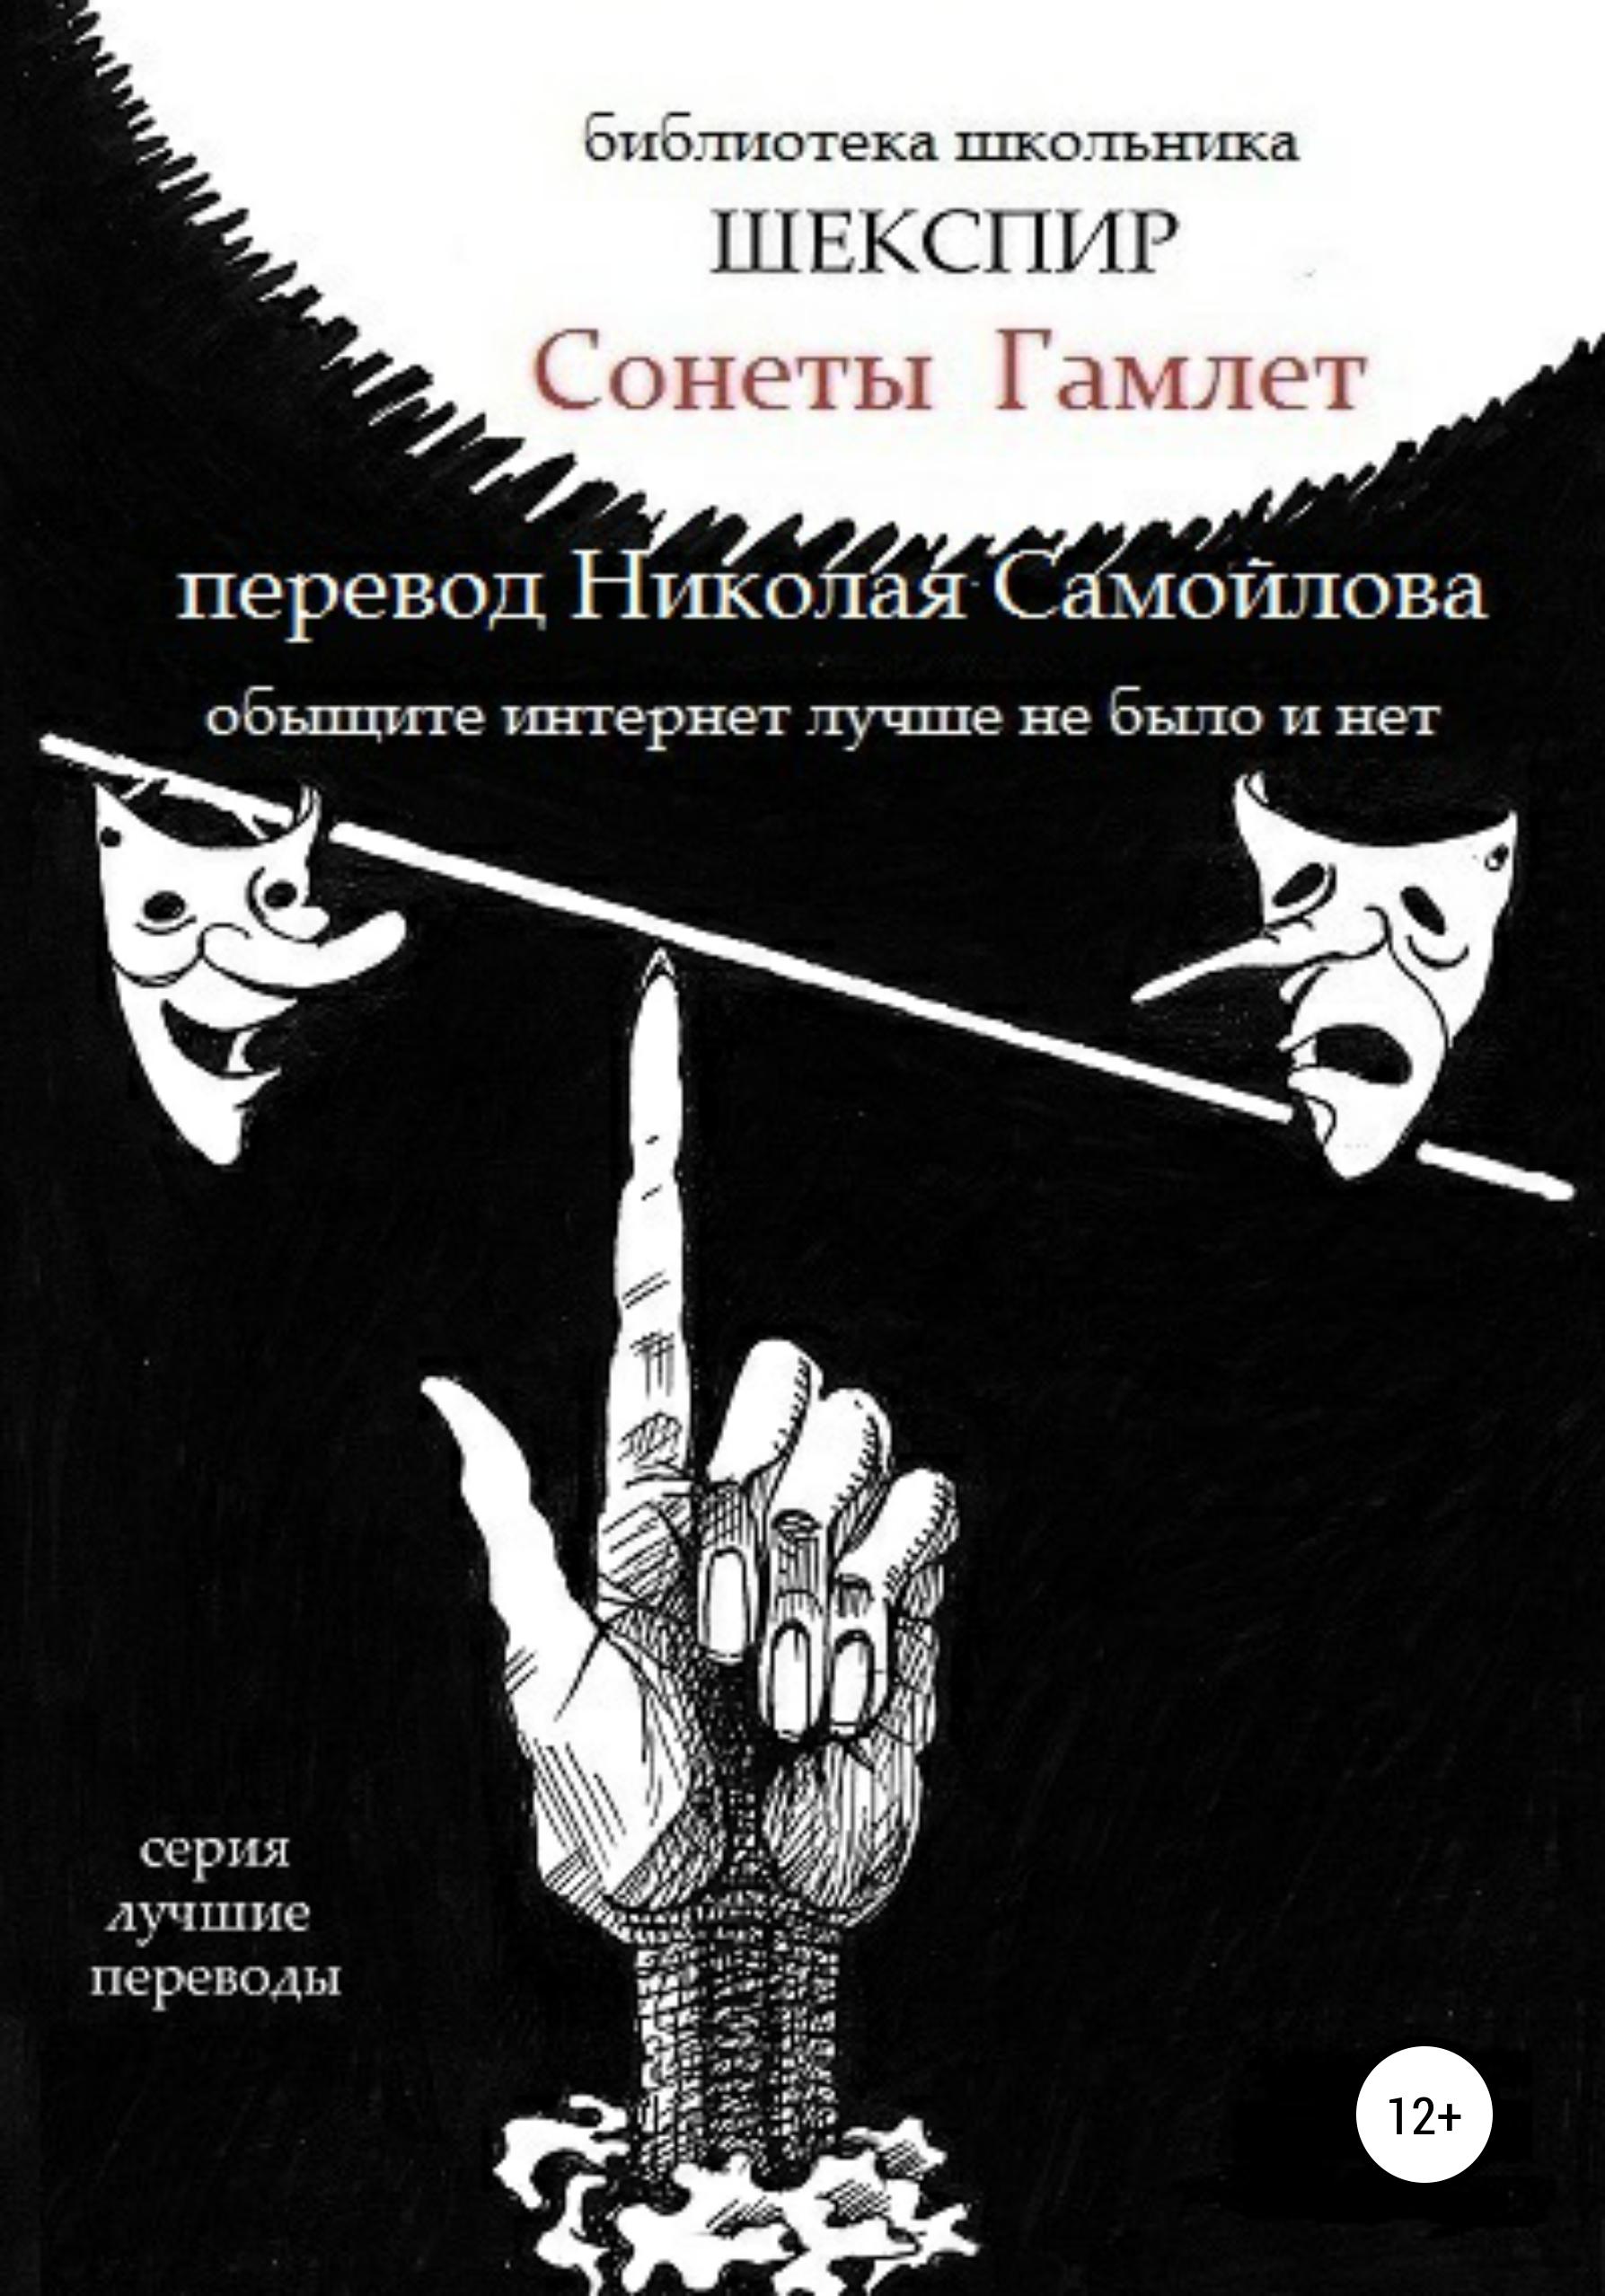 Уильям Шекспир - Сонеты. Гамлет в переводе Николая Самойлова